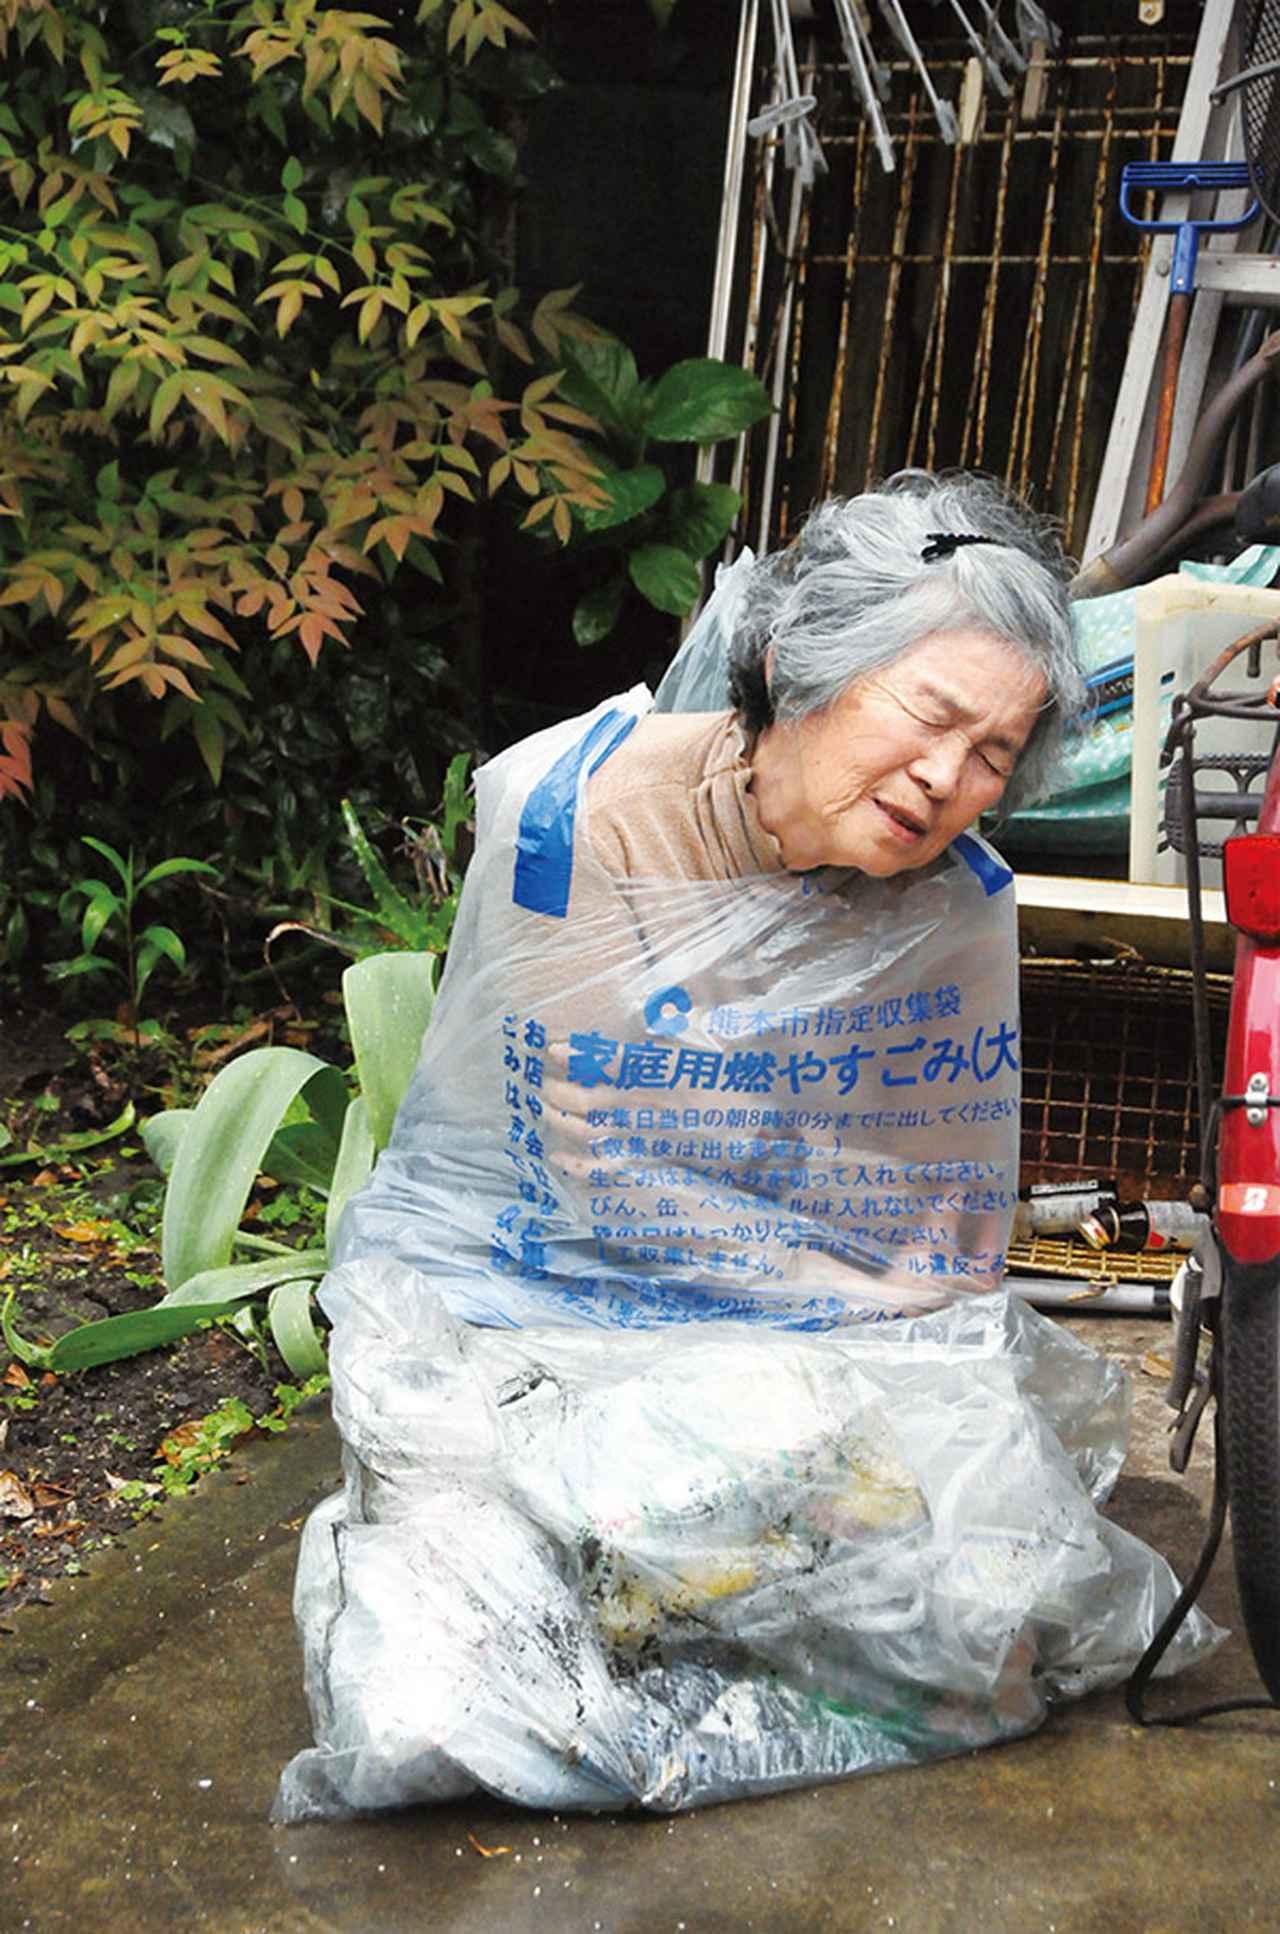 画像: ゴミ袋に入った自分を撮った写真は、一躍話題となった。老いを笑いに変える、ユーモラスな「自虐写真」が世界中に発信され人気を呼んでいる。